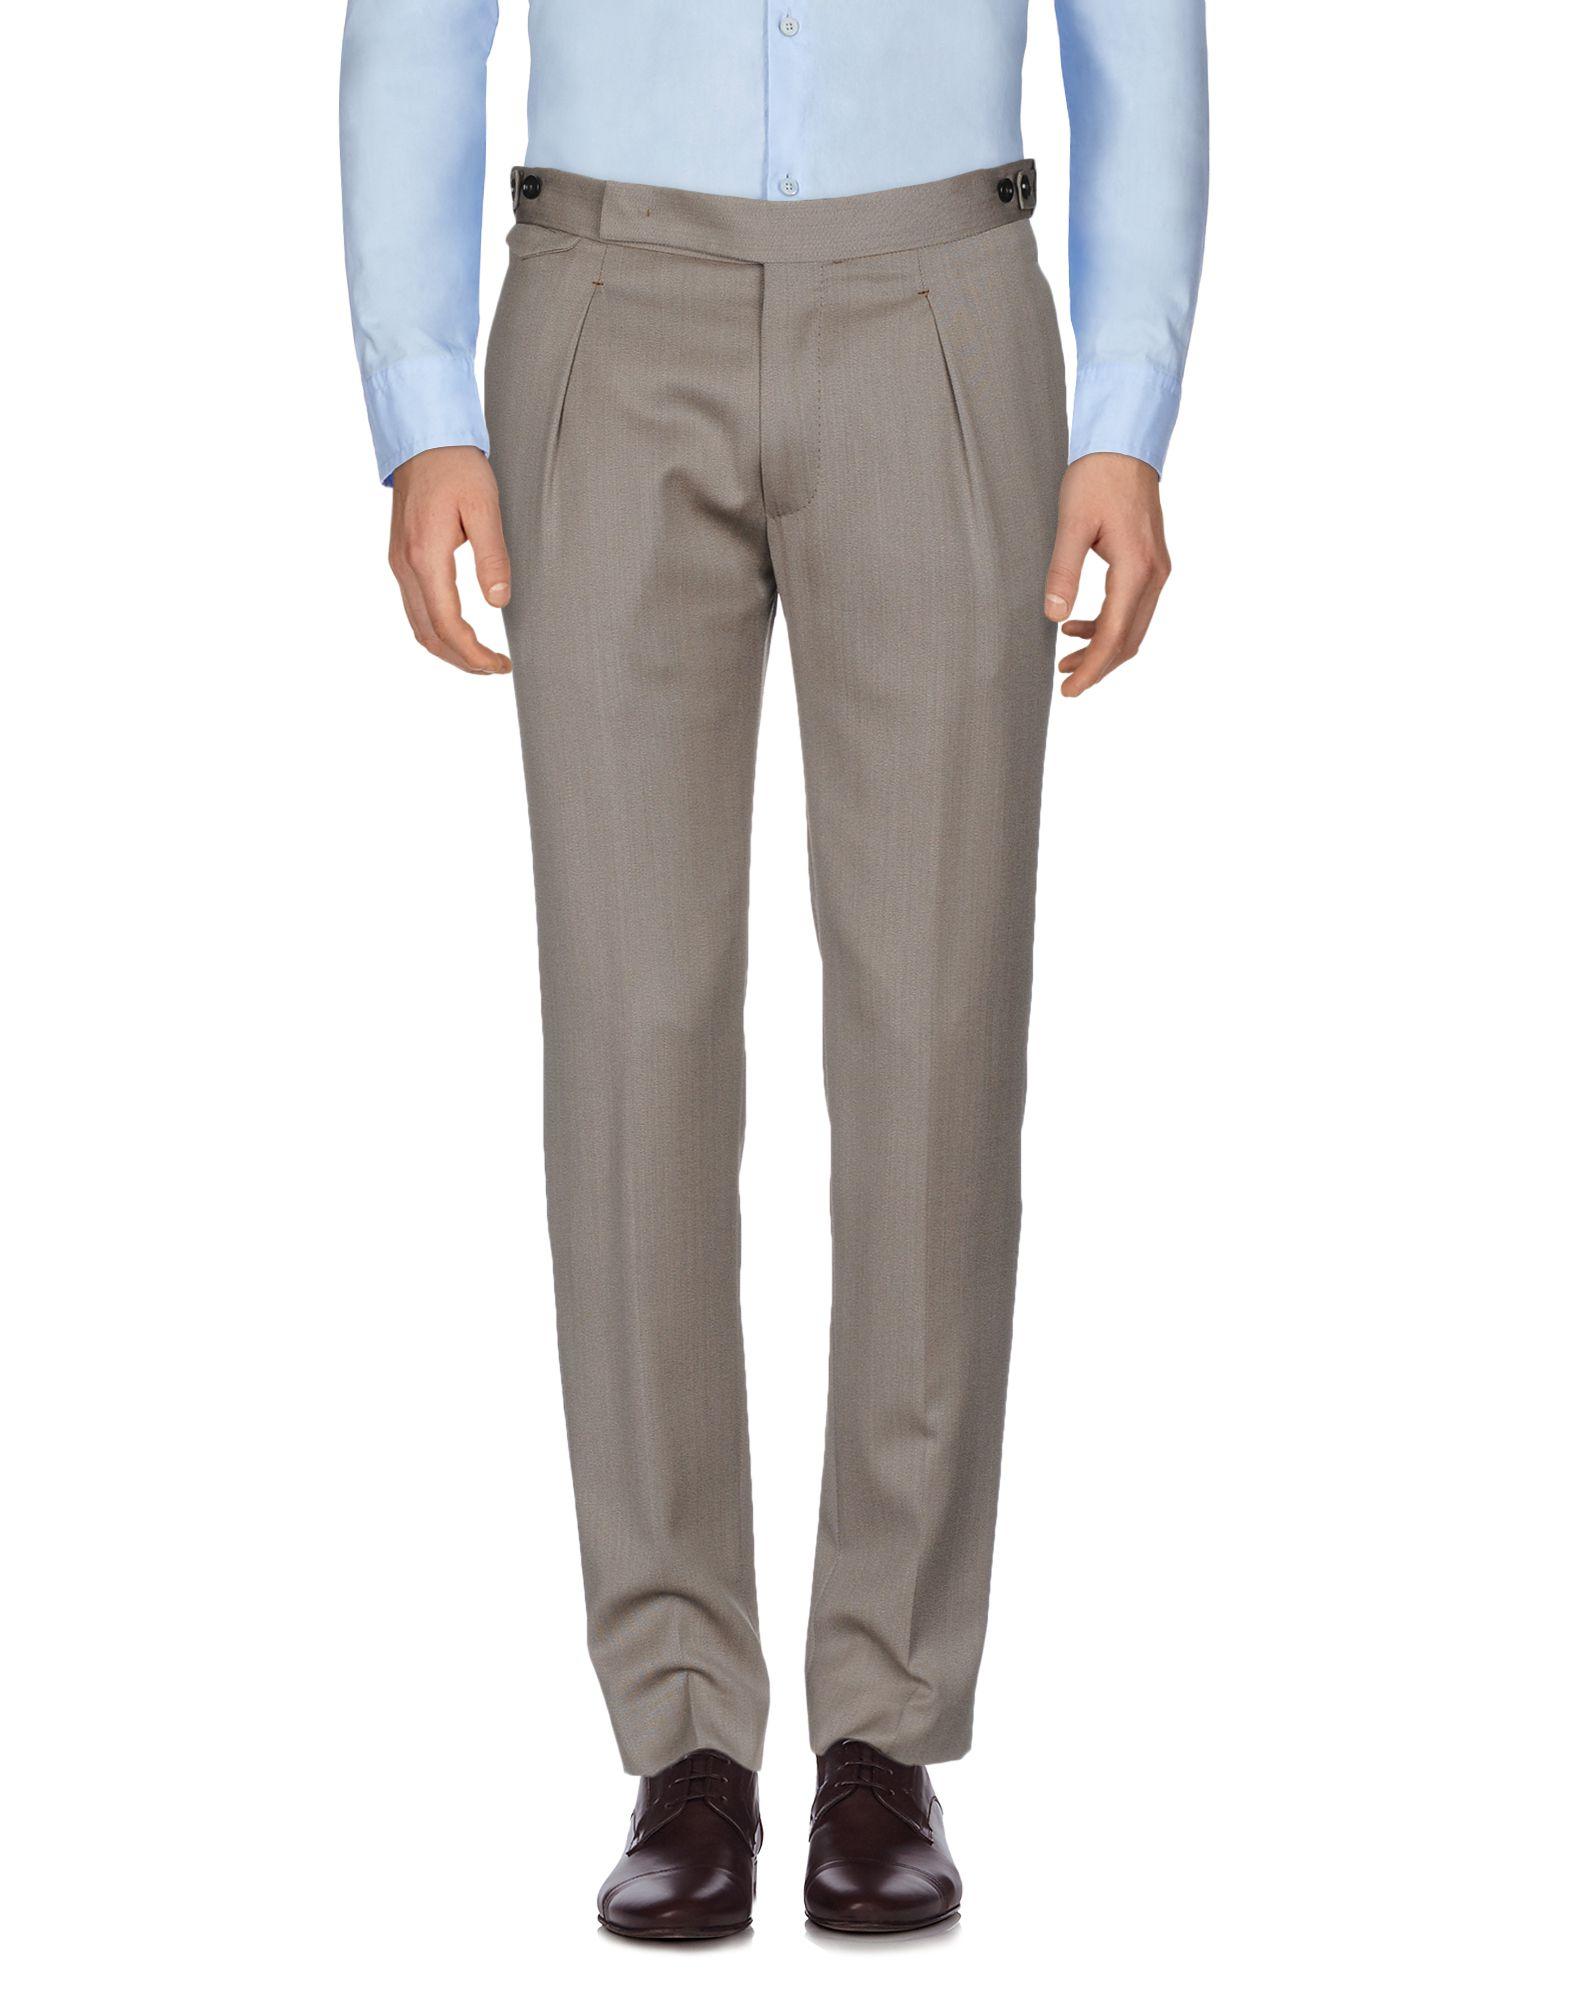 Pantalone Tagliatore Donna - Acquista online su